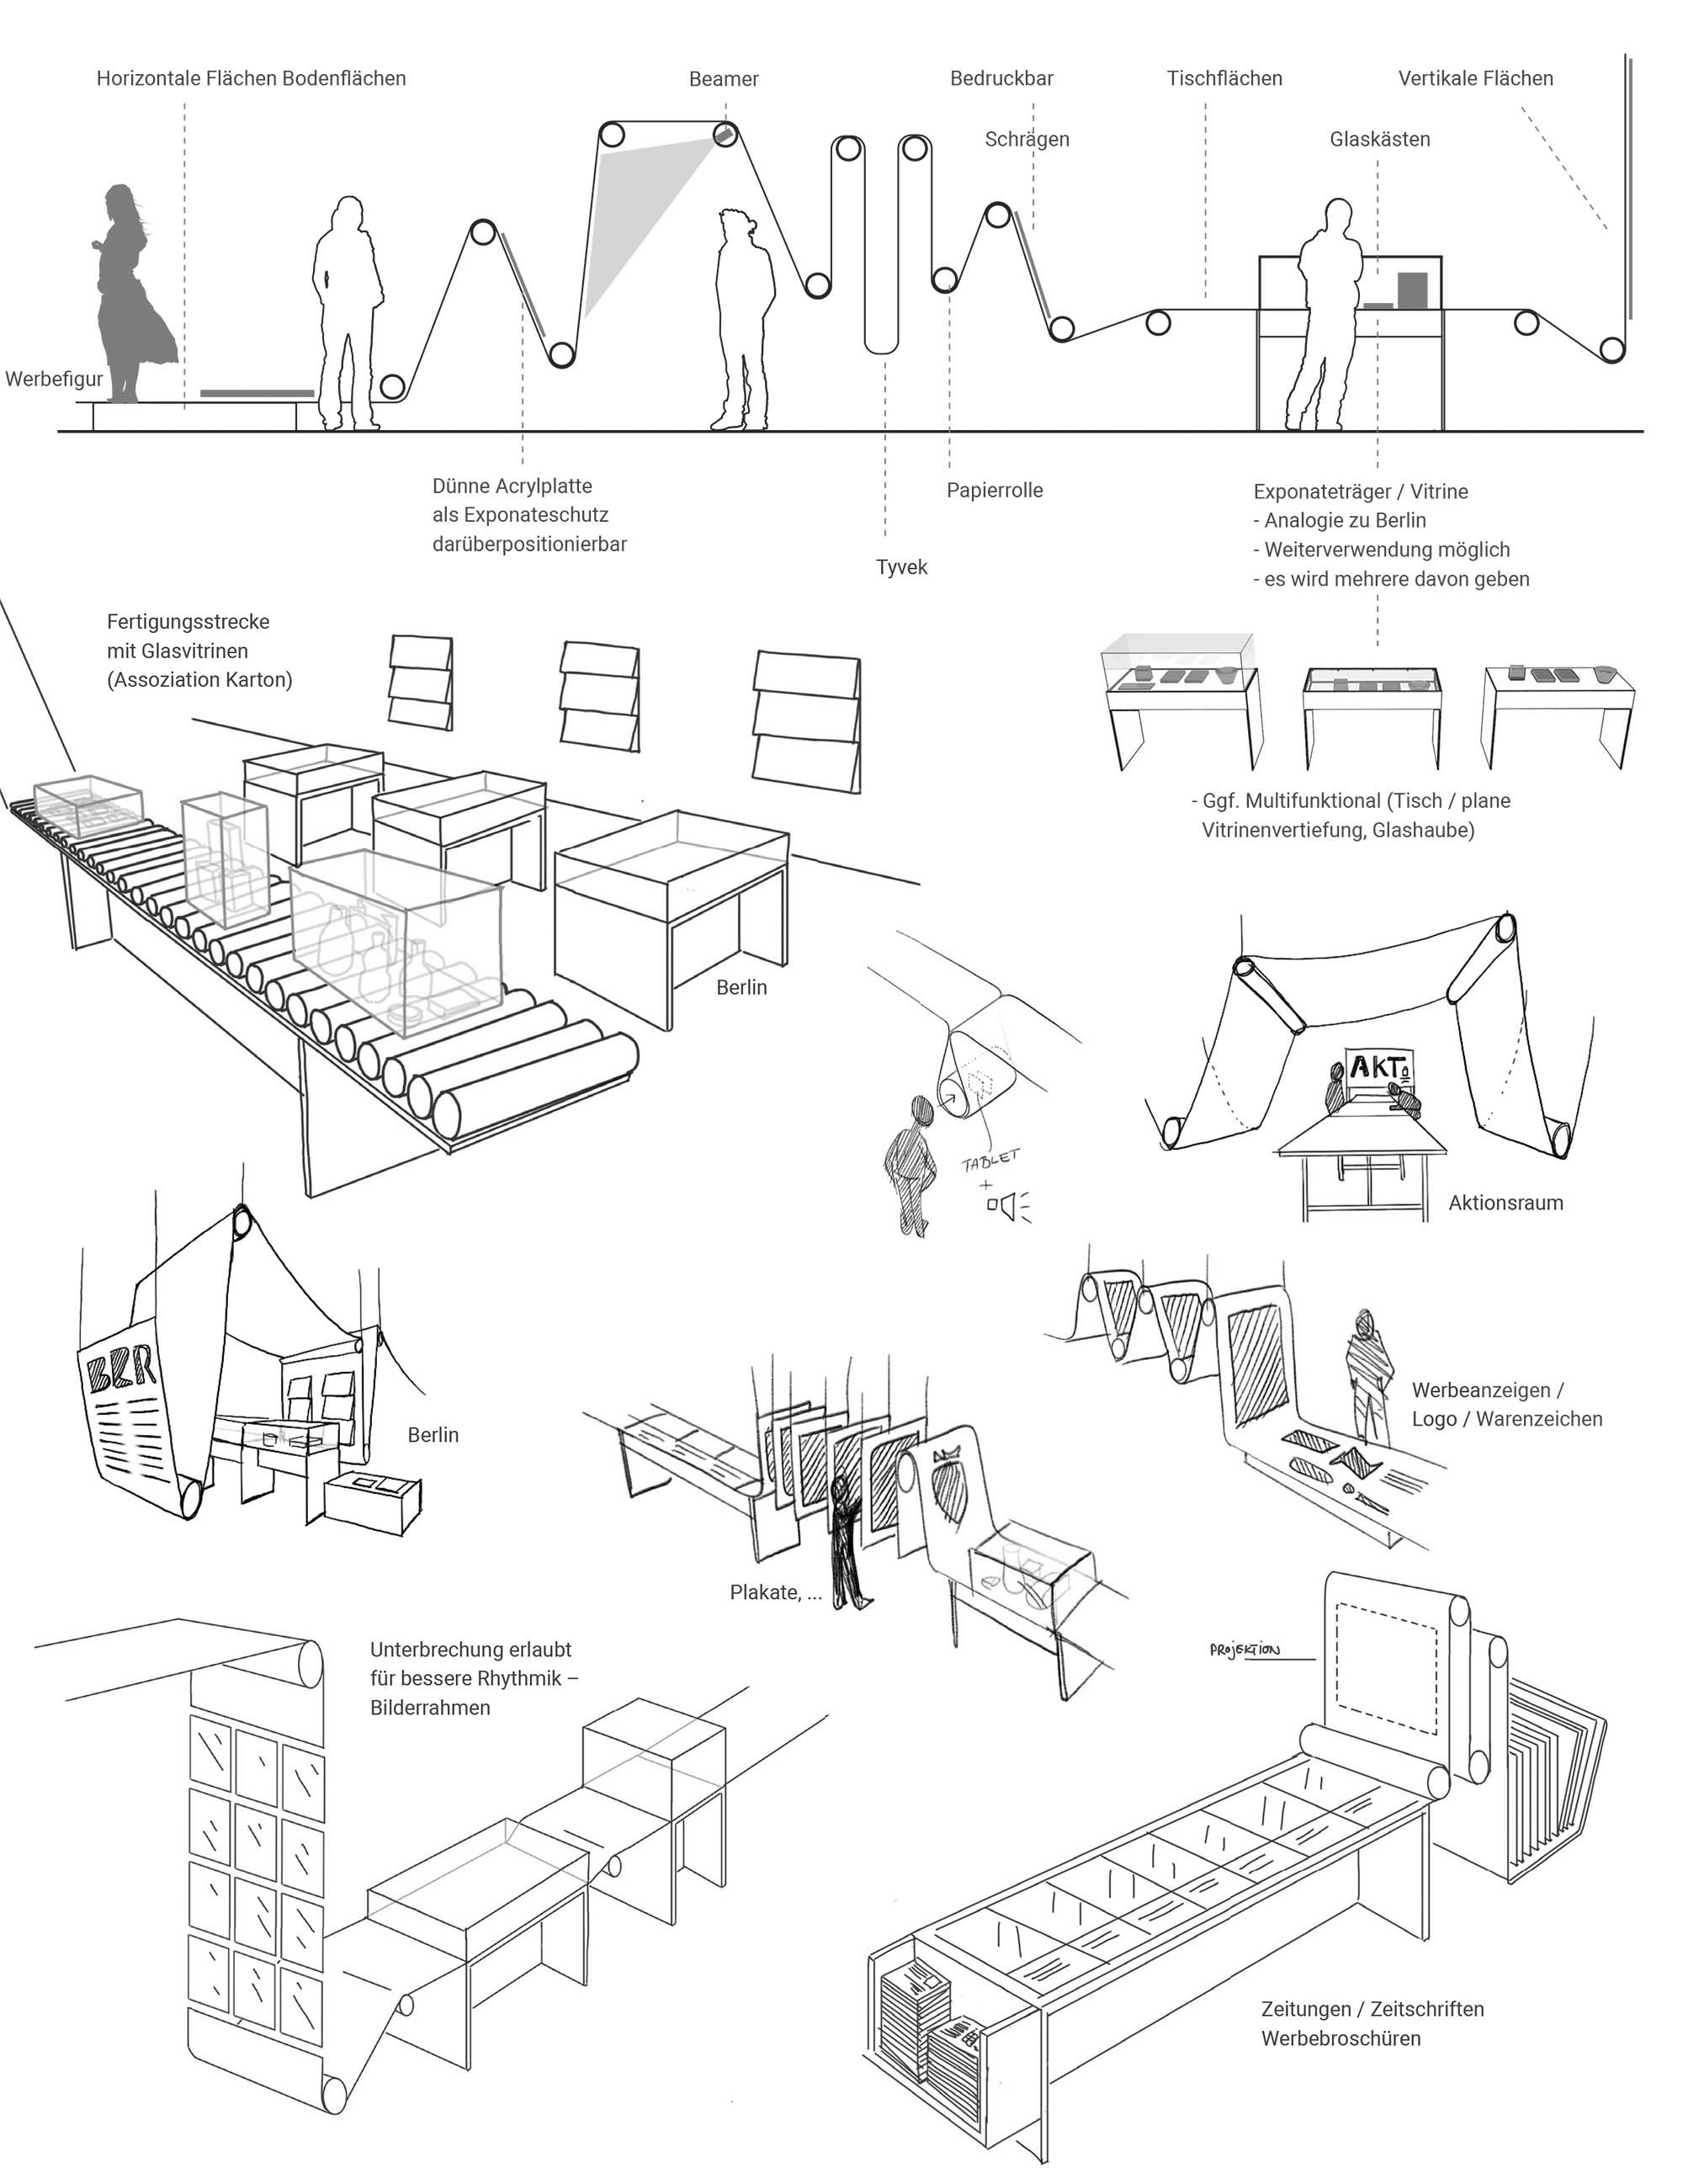 Masse und Klasse / Prozess / Bild: Formikat GbR